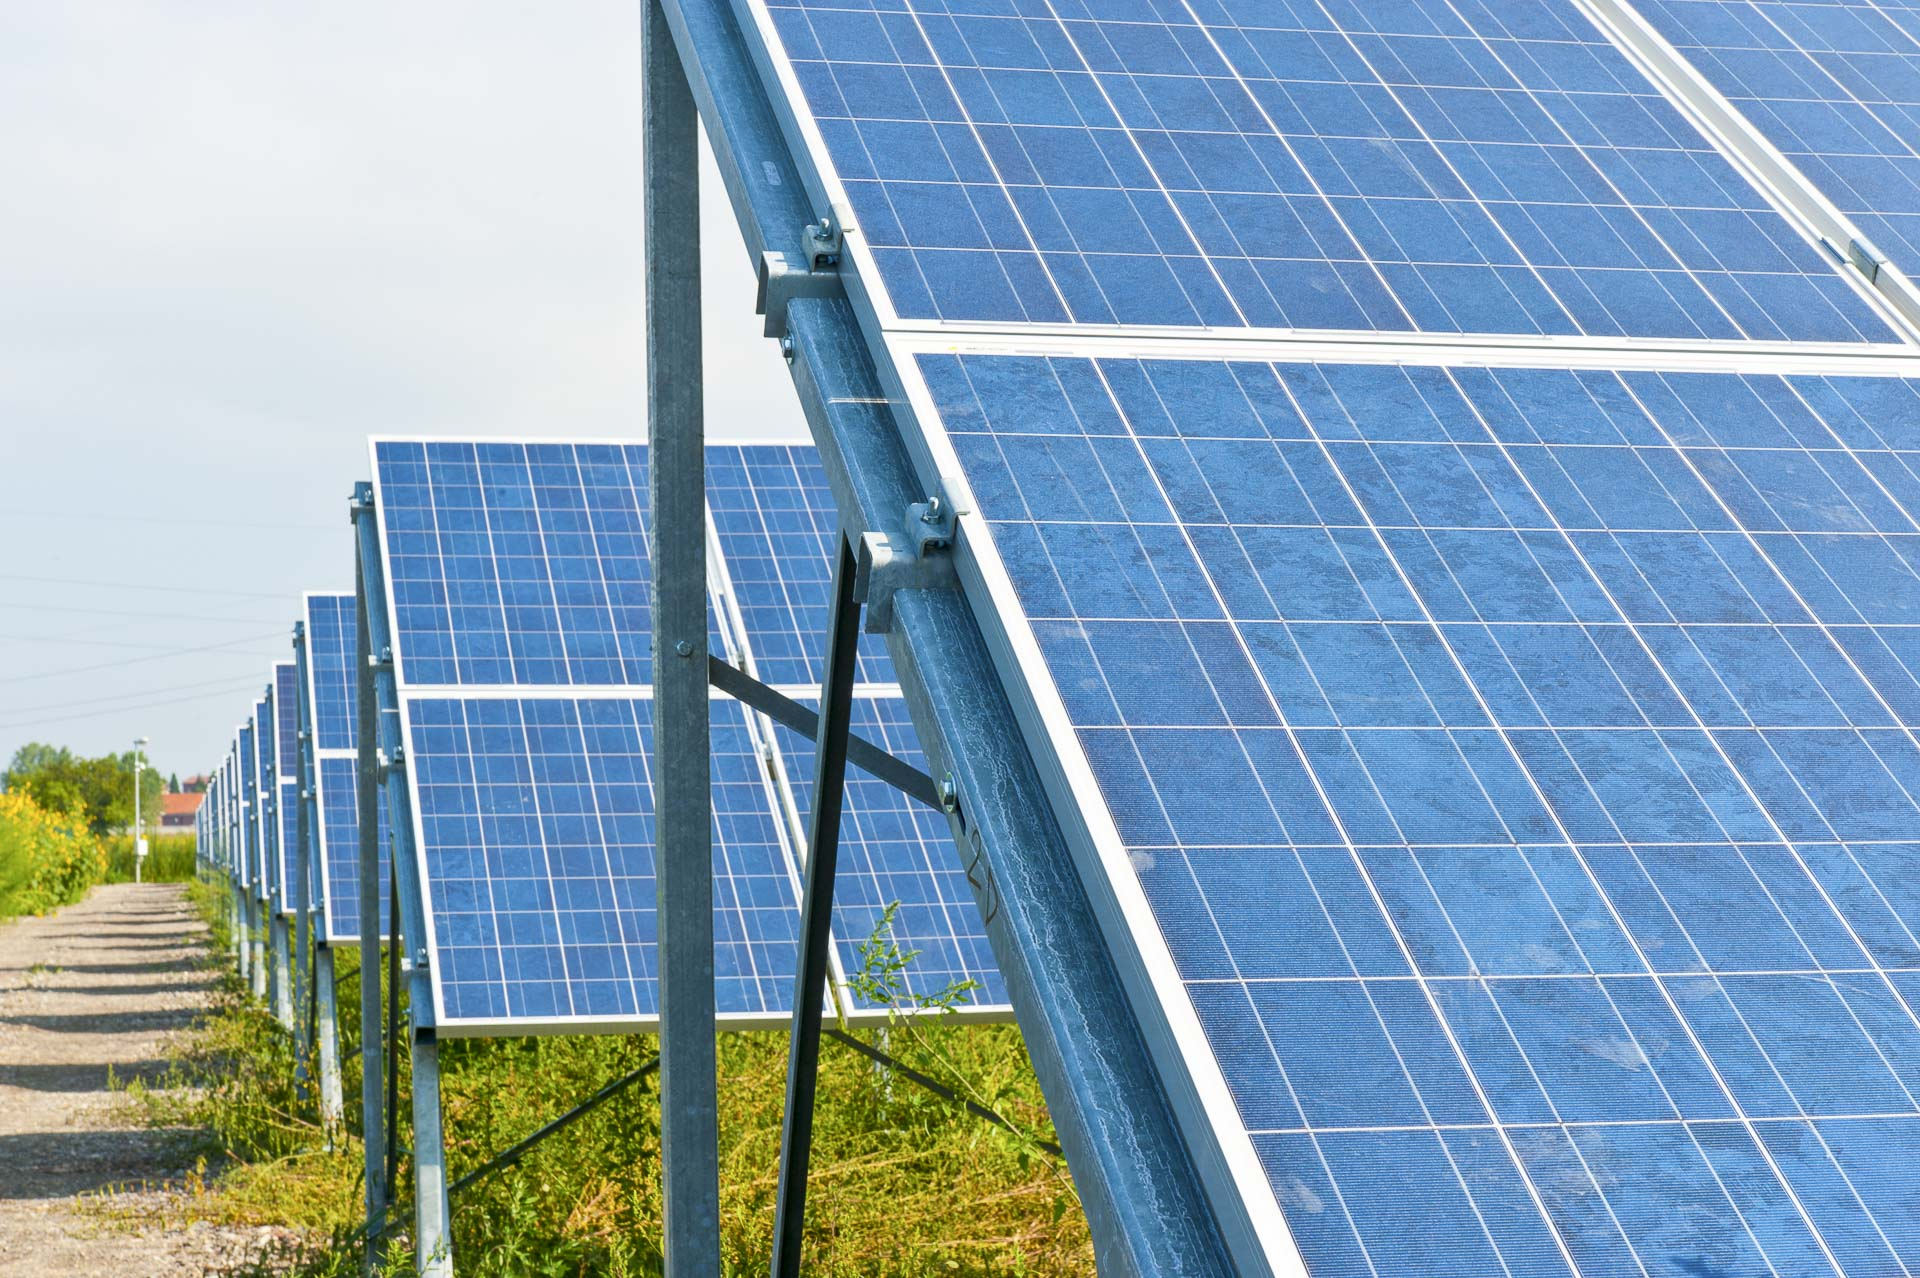 Parco produzione energia dal sole rinnovabile sostenibile Alessandria sud pannelli fotovoltaici